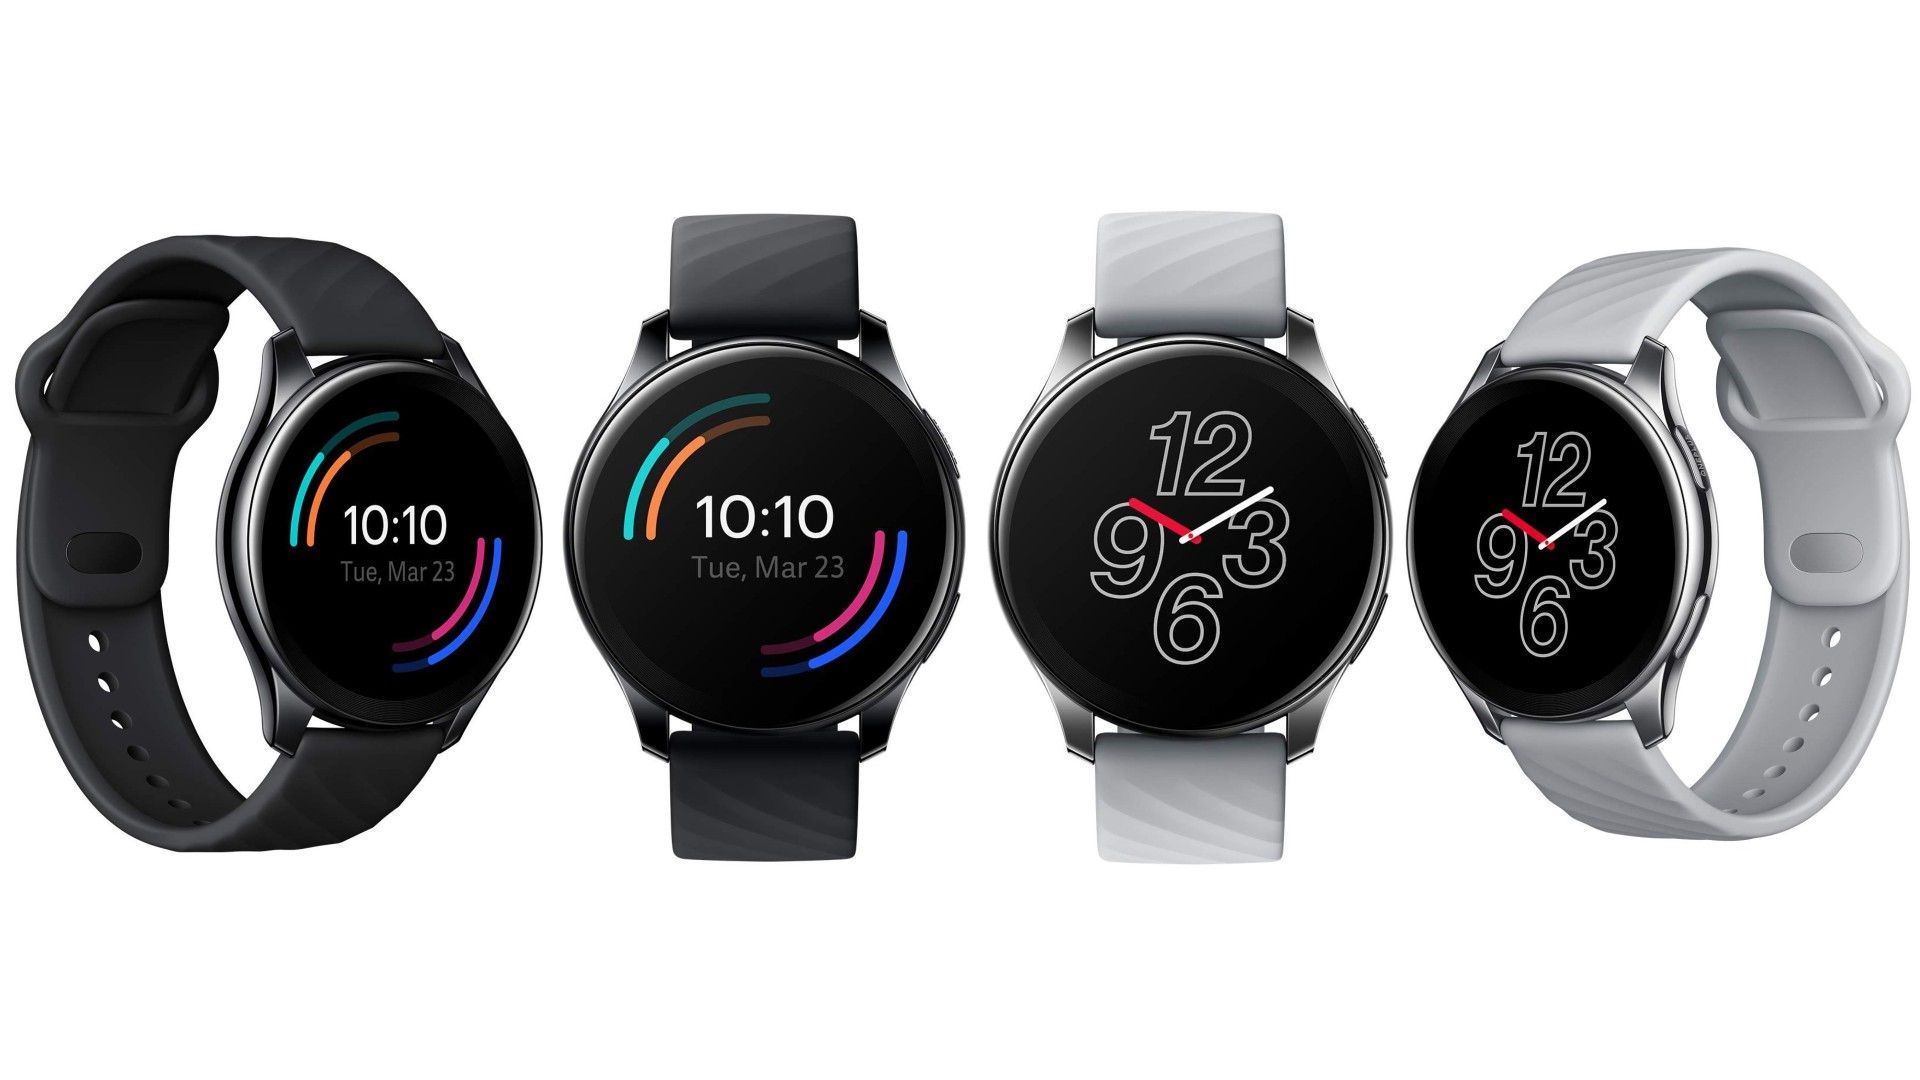 OnePlus Watch Renders